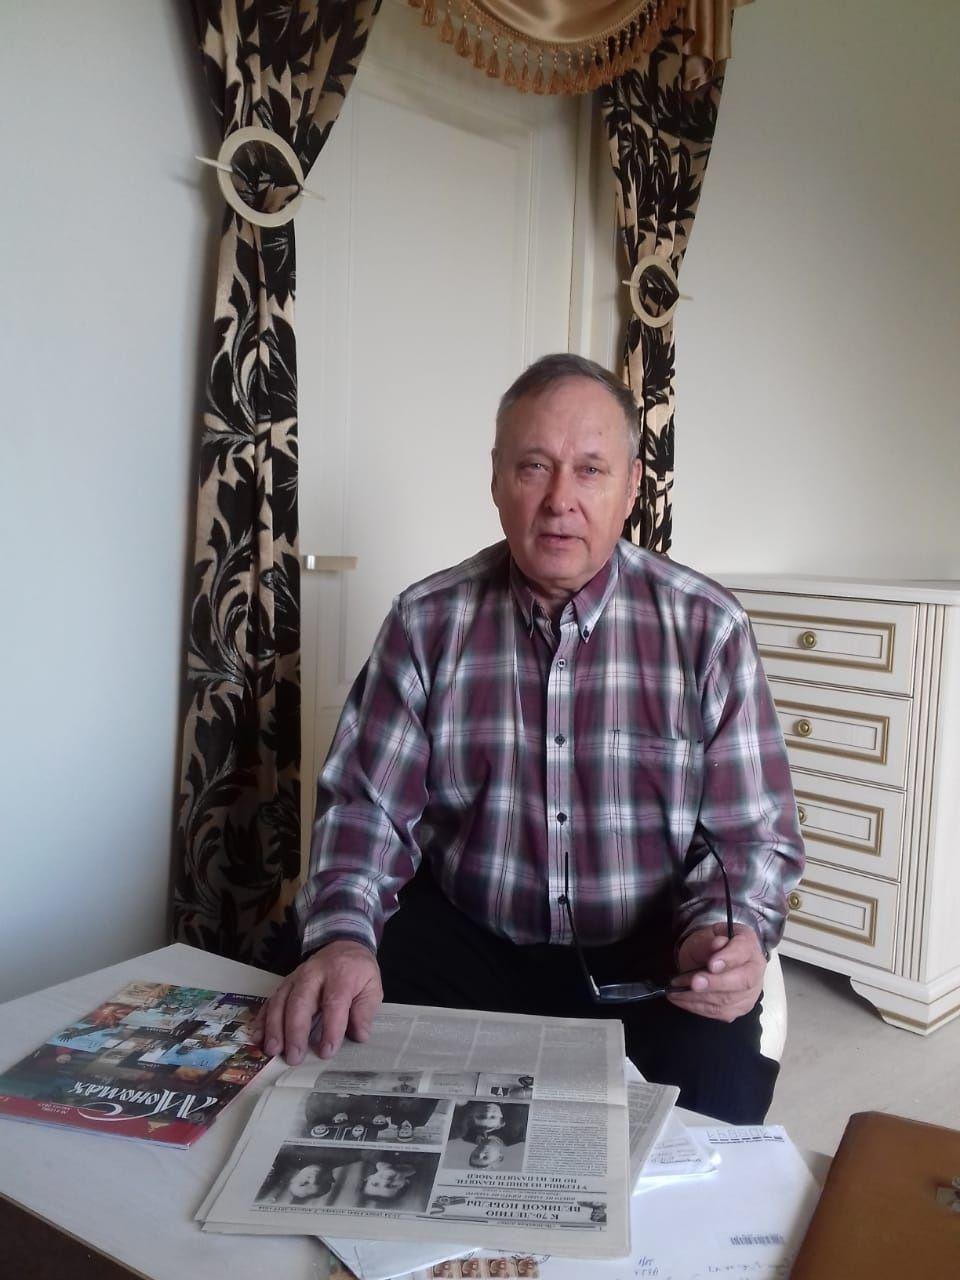 28 марта 2020 года. Алексей Николаев (2) из Троицка после выхода на пенсию восстановил боевой путь своего отца, а заодно некоторых его сослуживцев